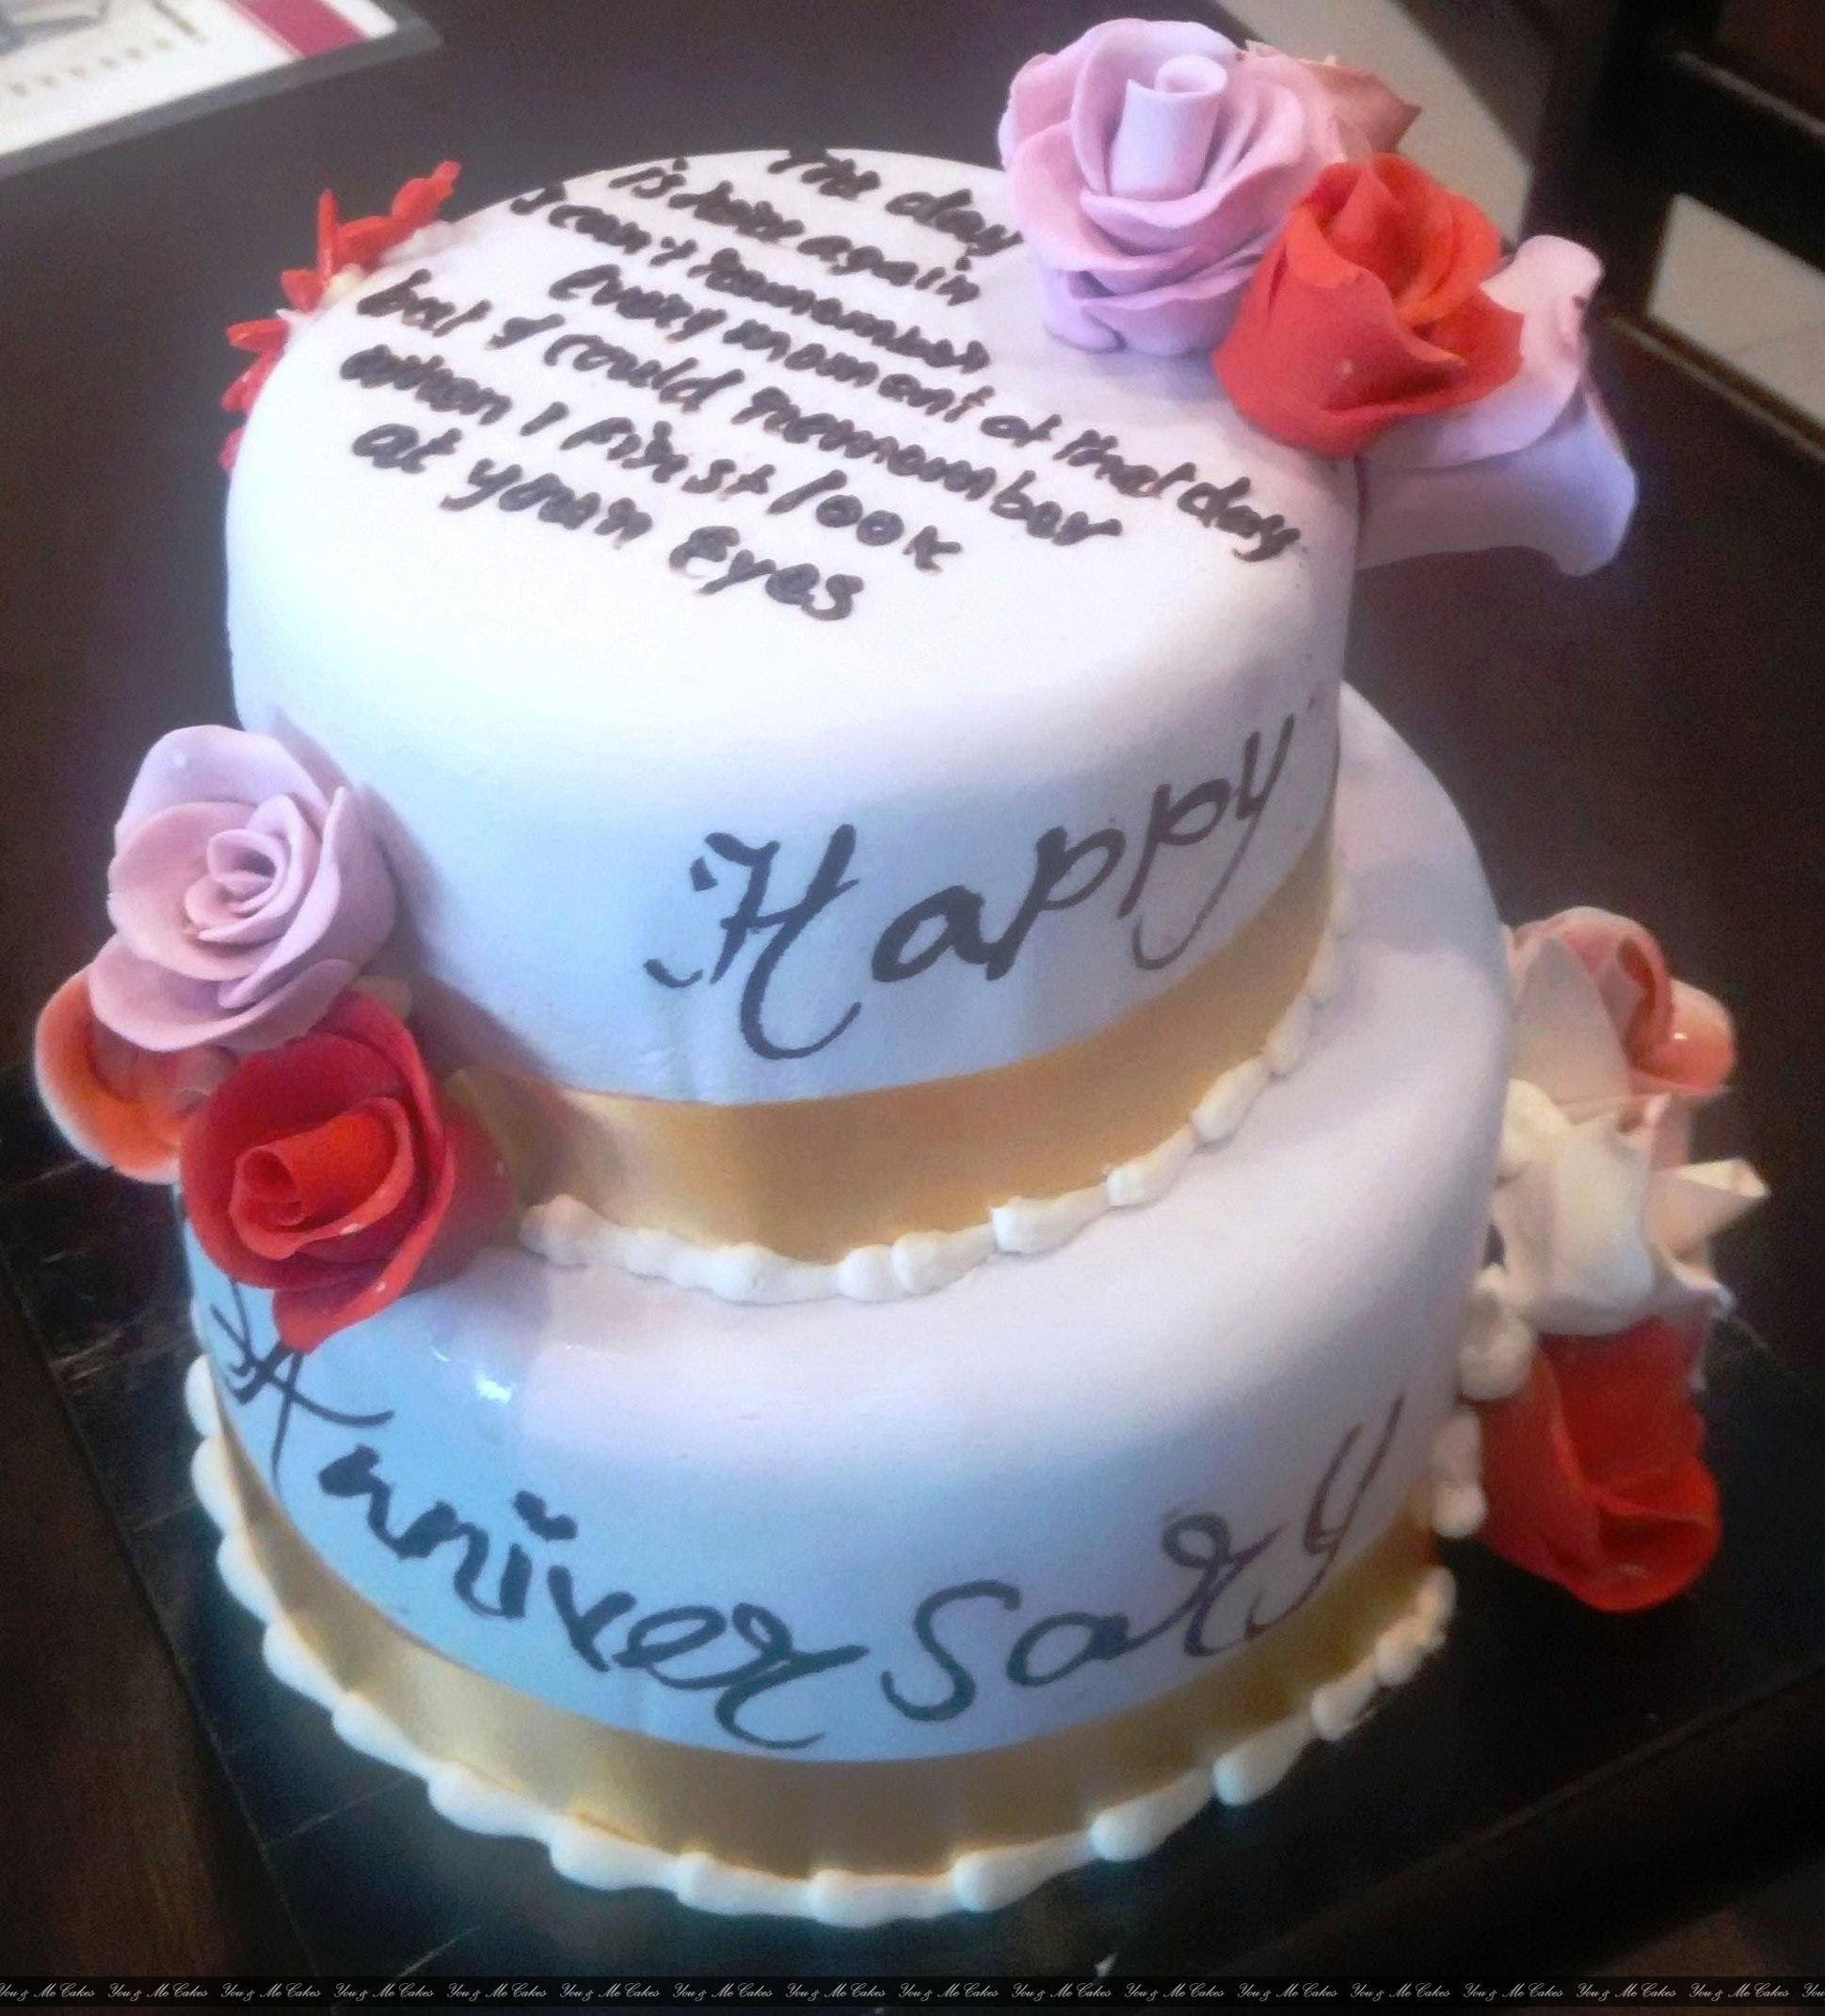 Happy Anniversary Cake 4kg Ume 314 Cakes Wedding Anniversary